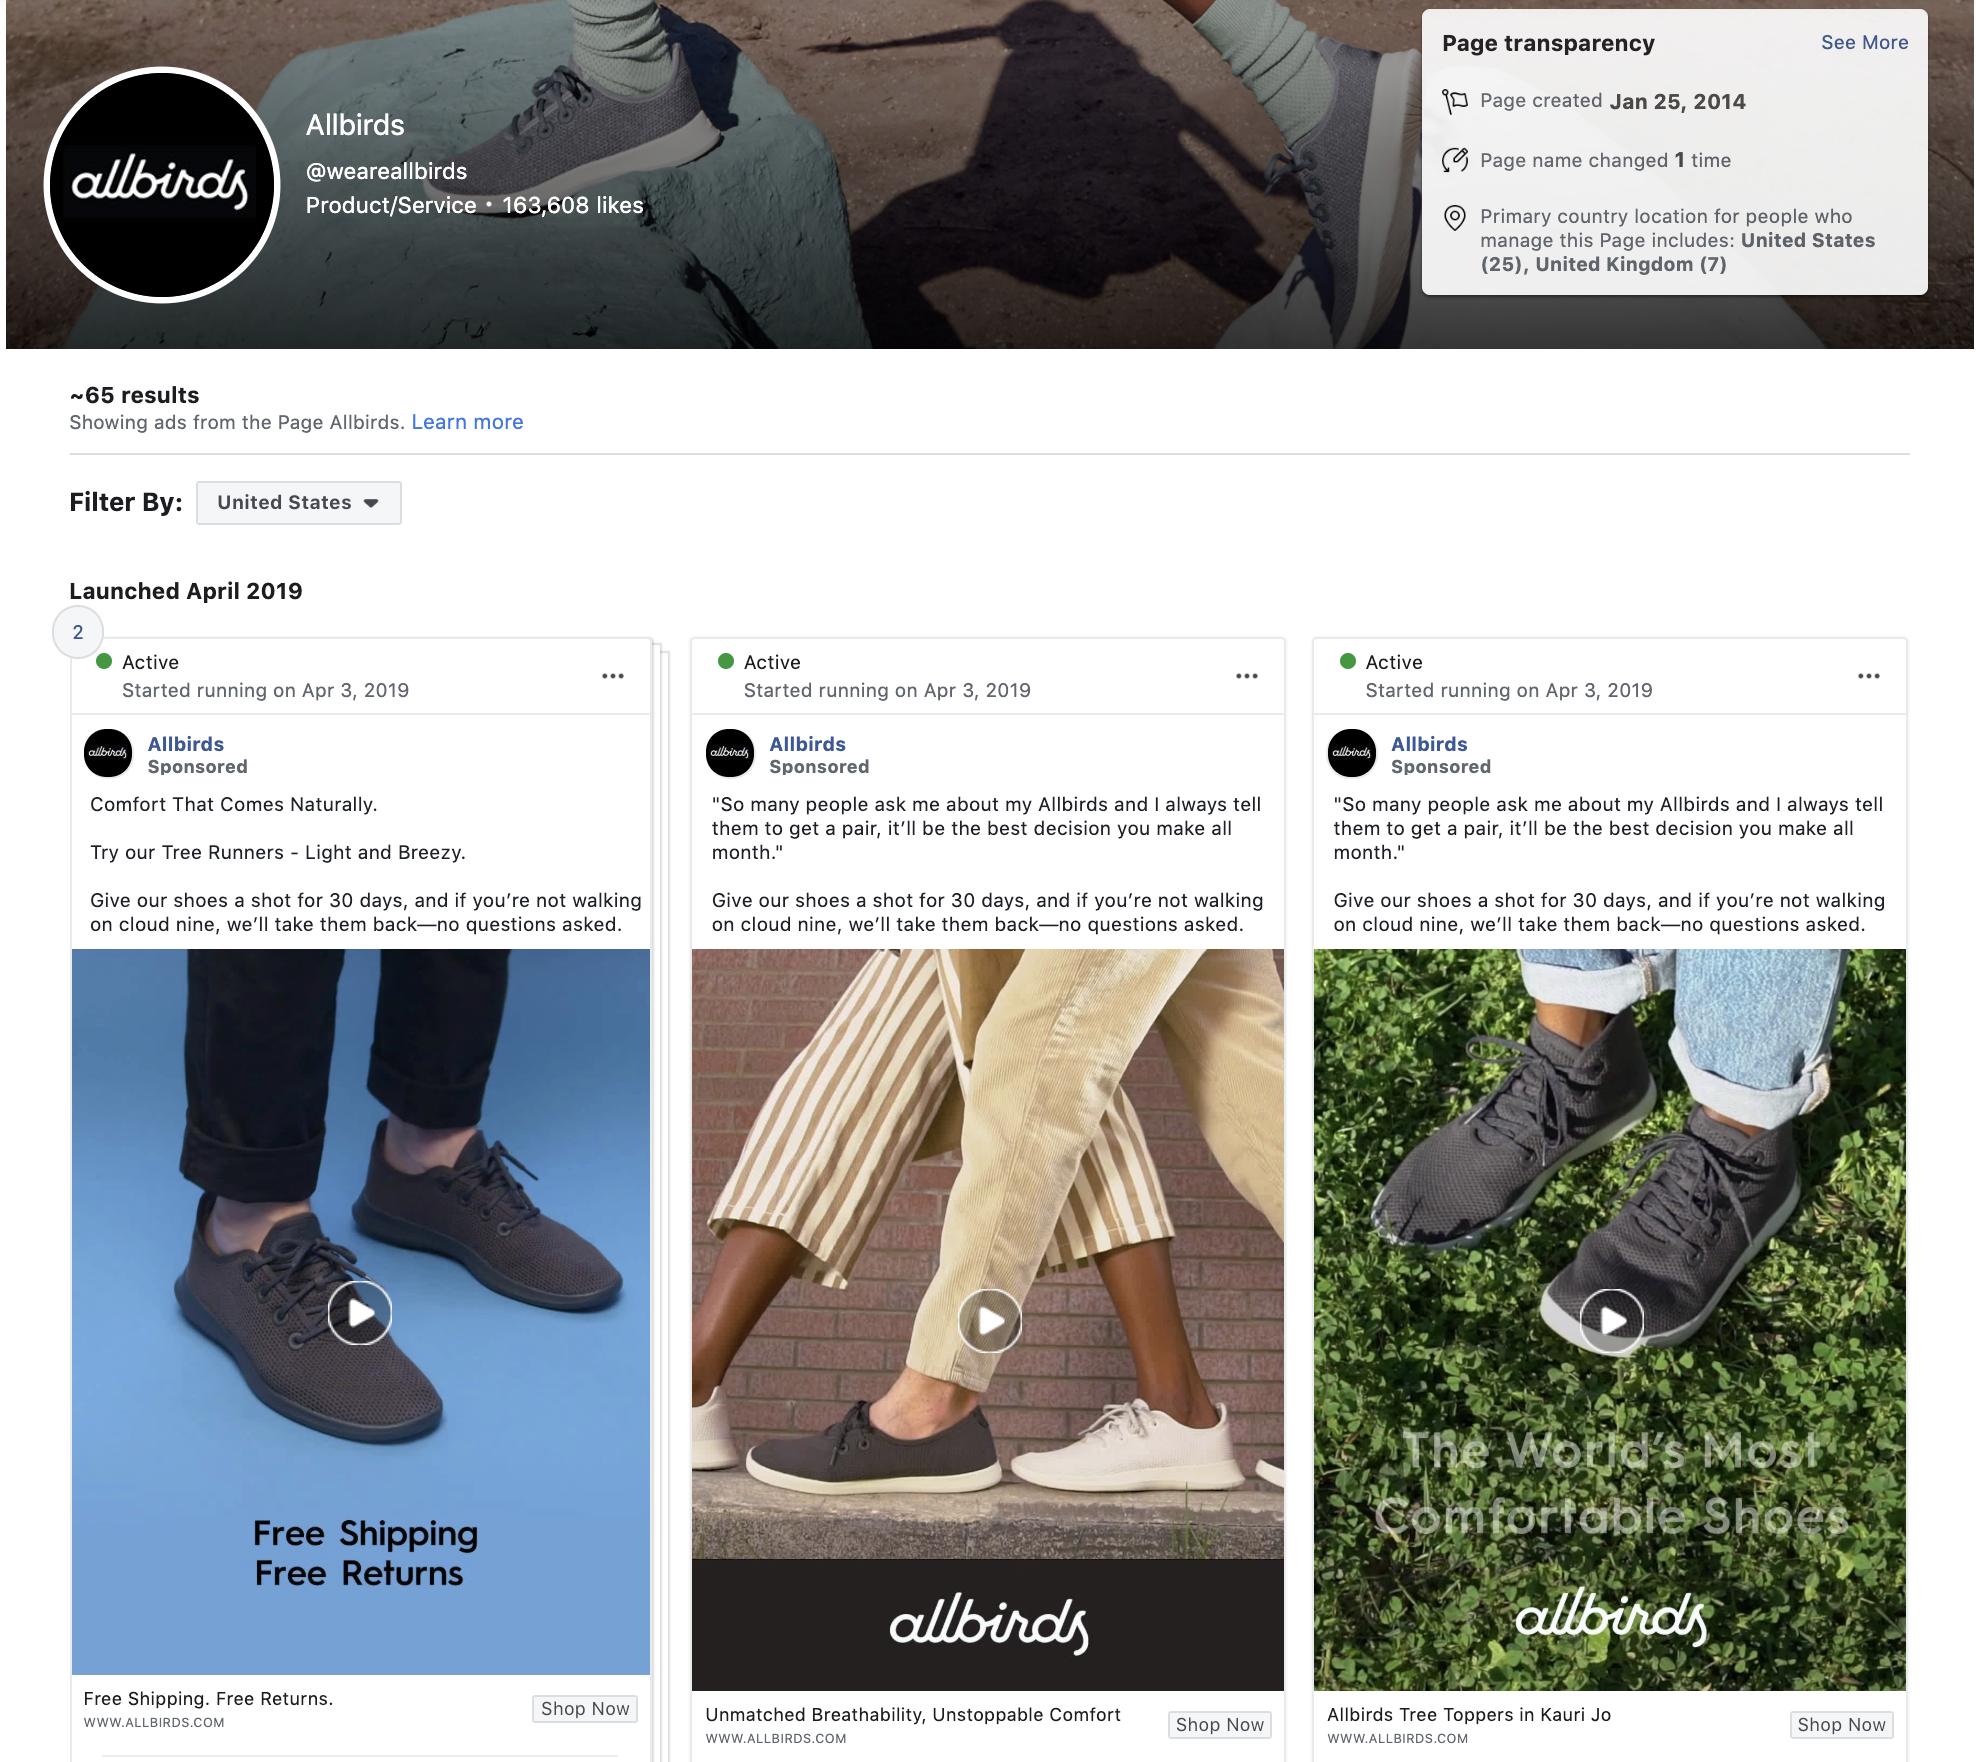 FB Ad Library - Allbirds